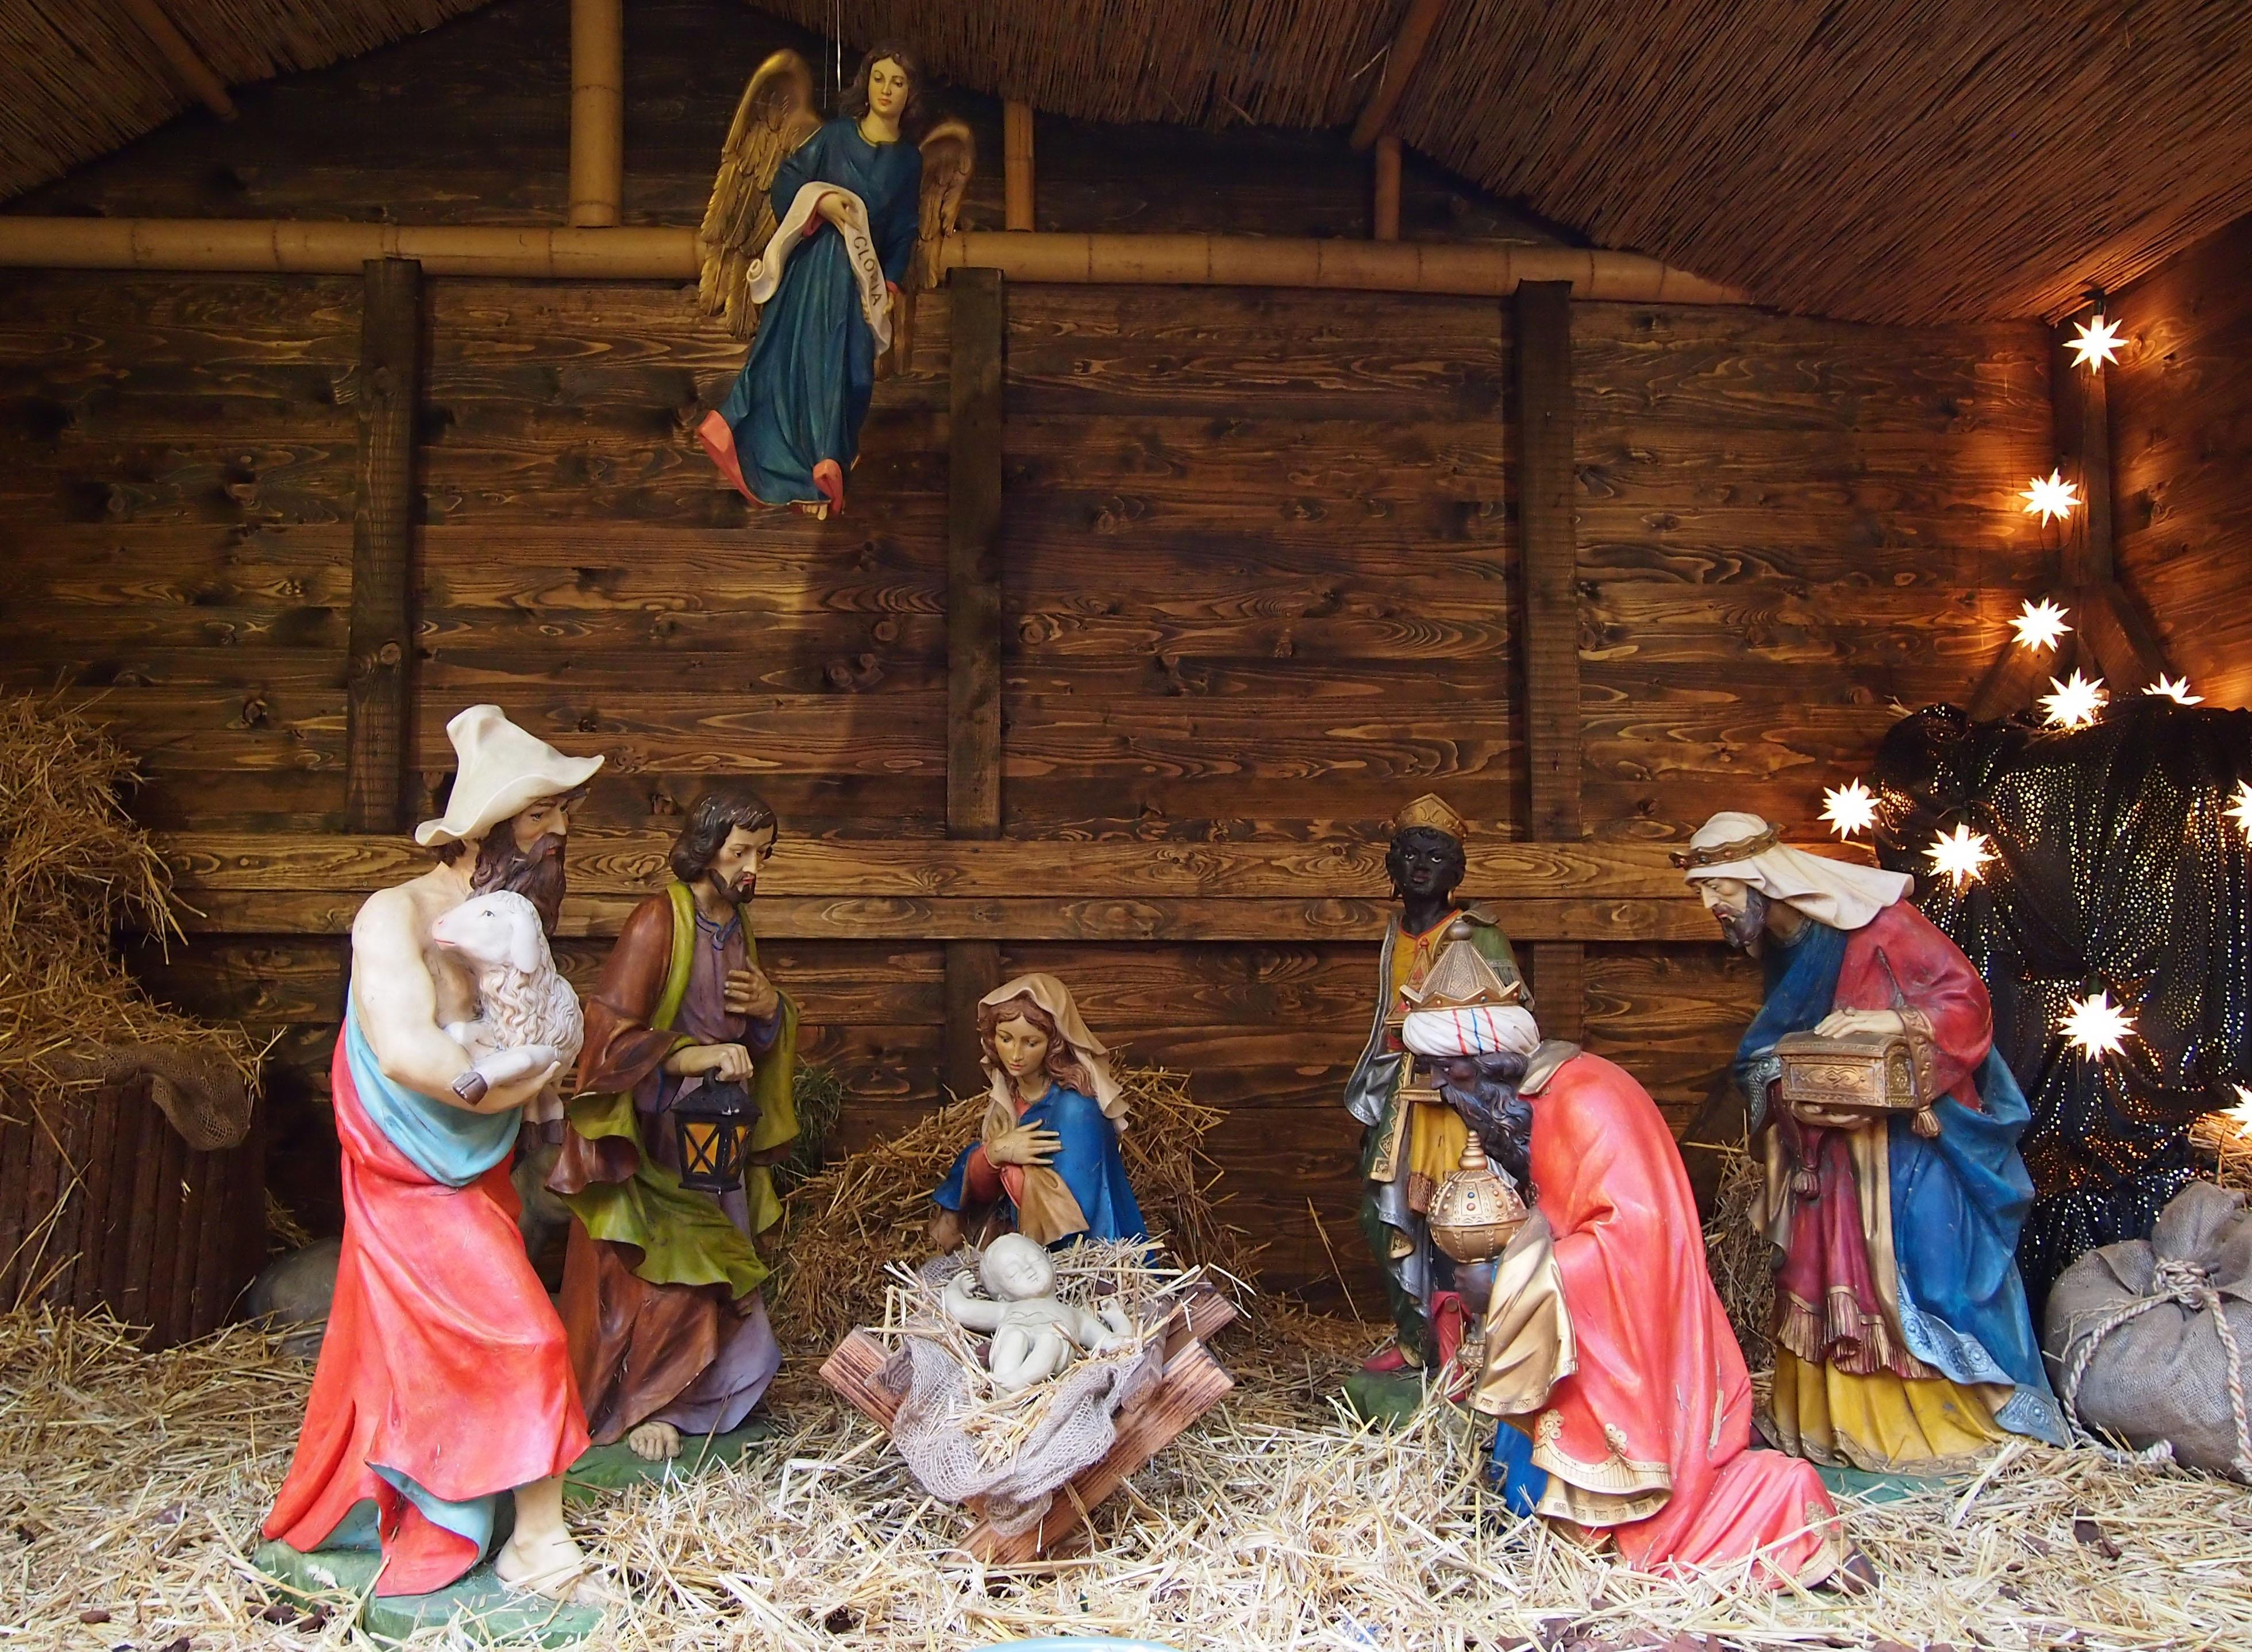 Free Images : religion, child, christian, decor, bible, donkey ...